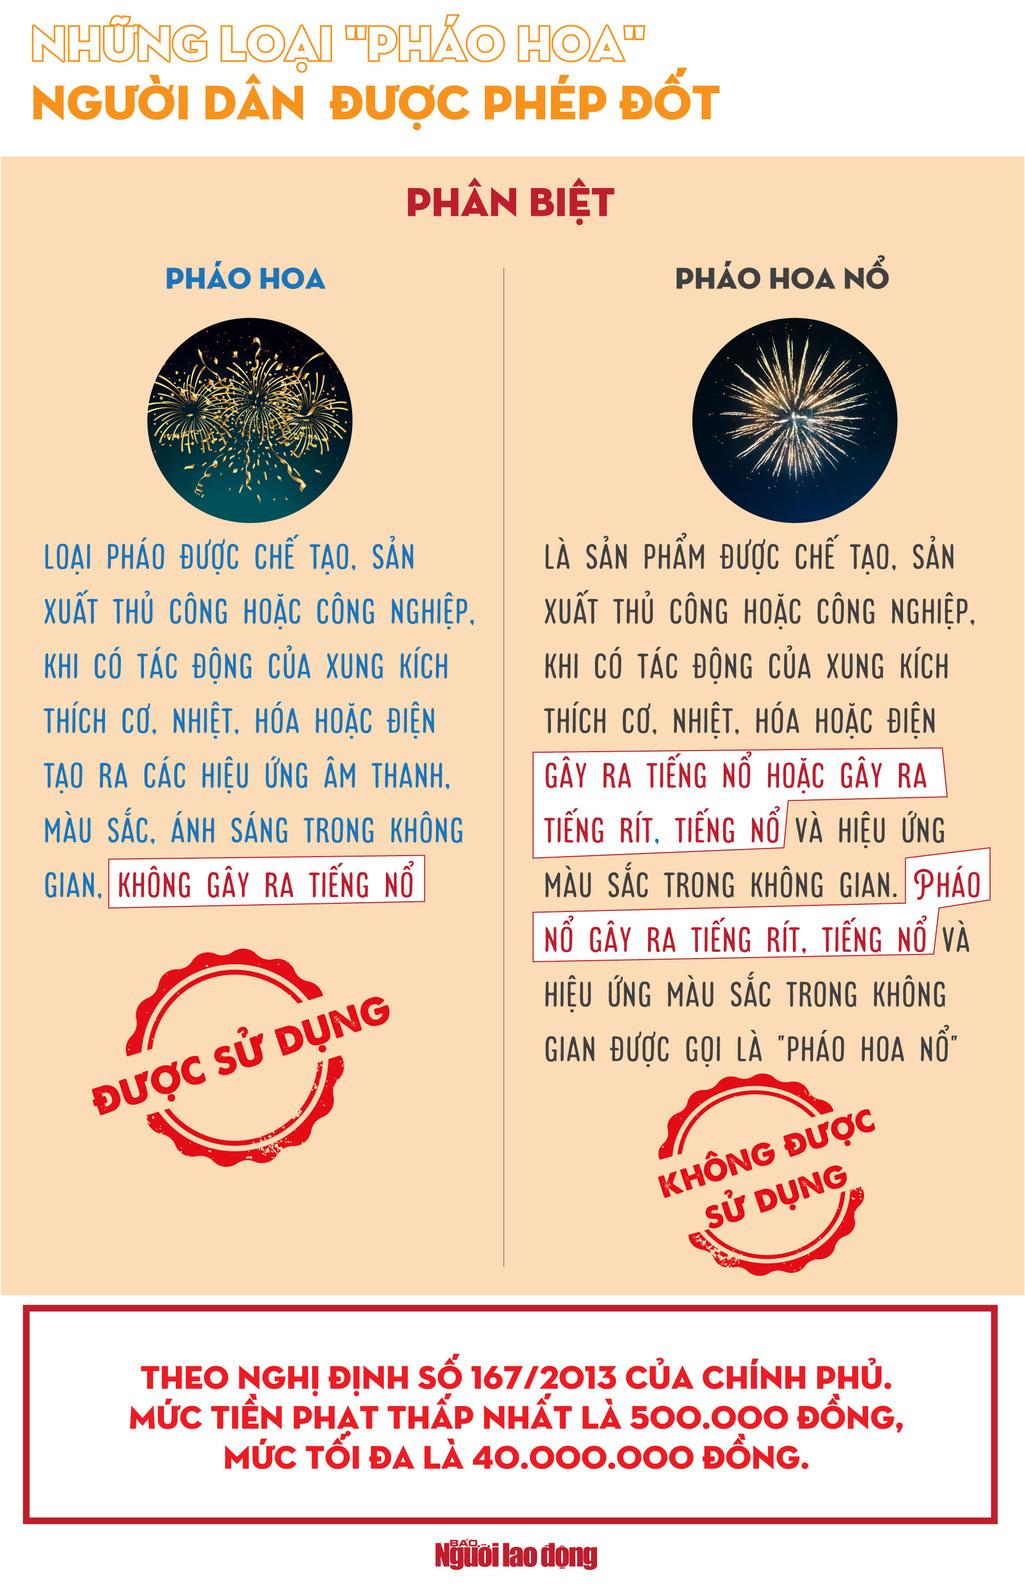 [Infographic] Người dân được đốt những loại pháo hoa nào? - 1